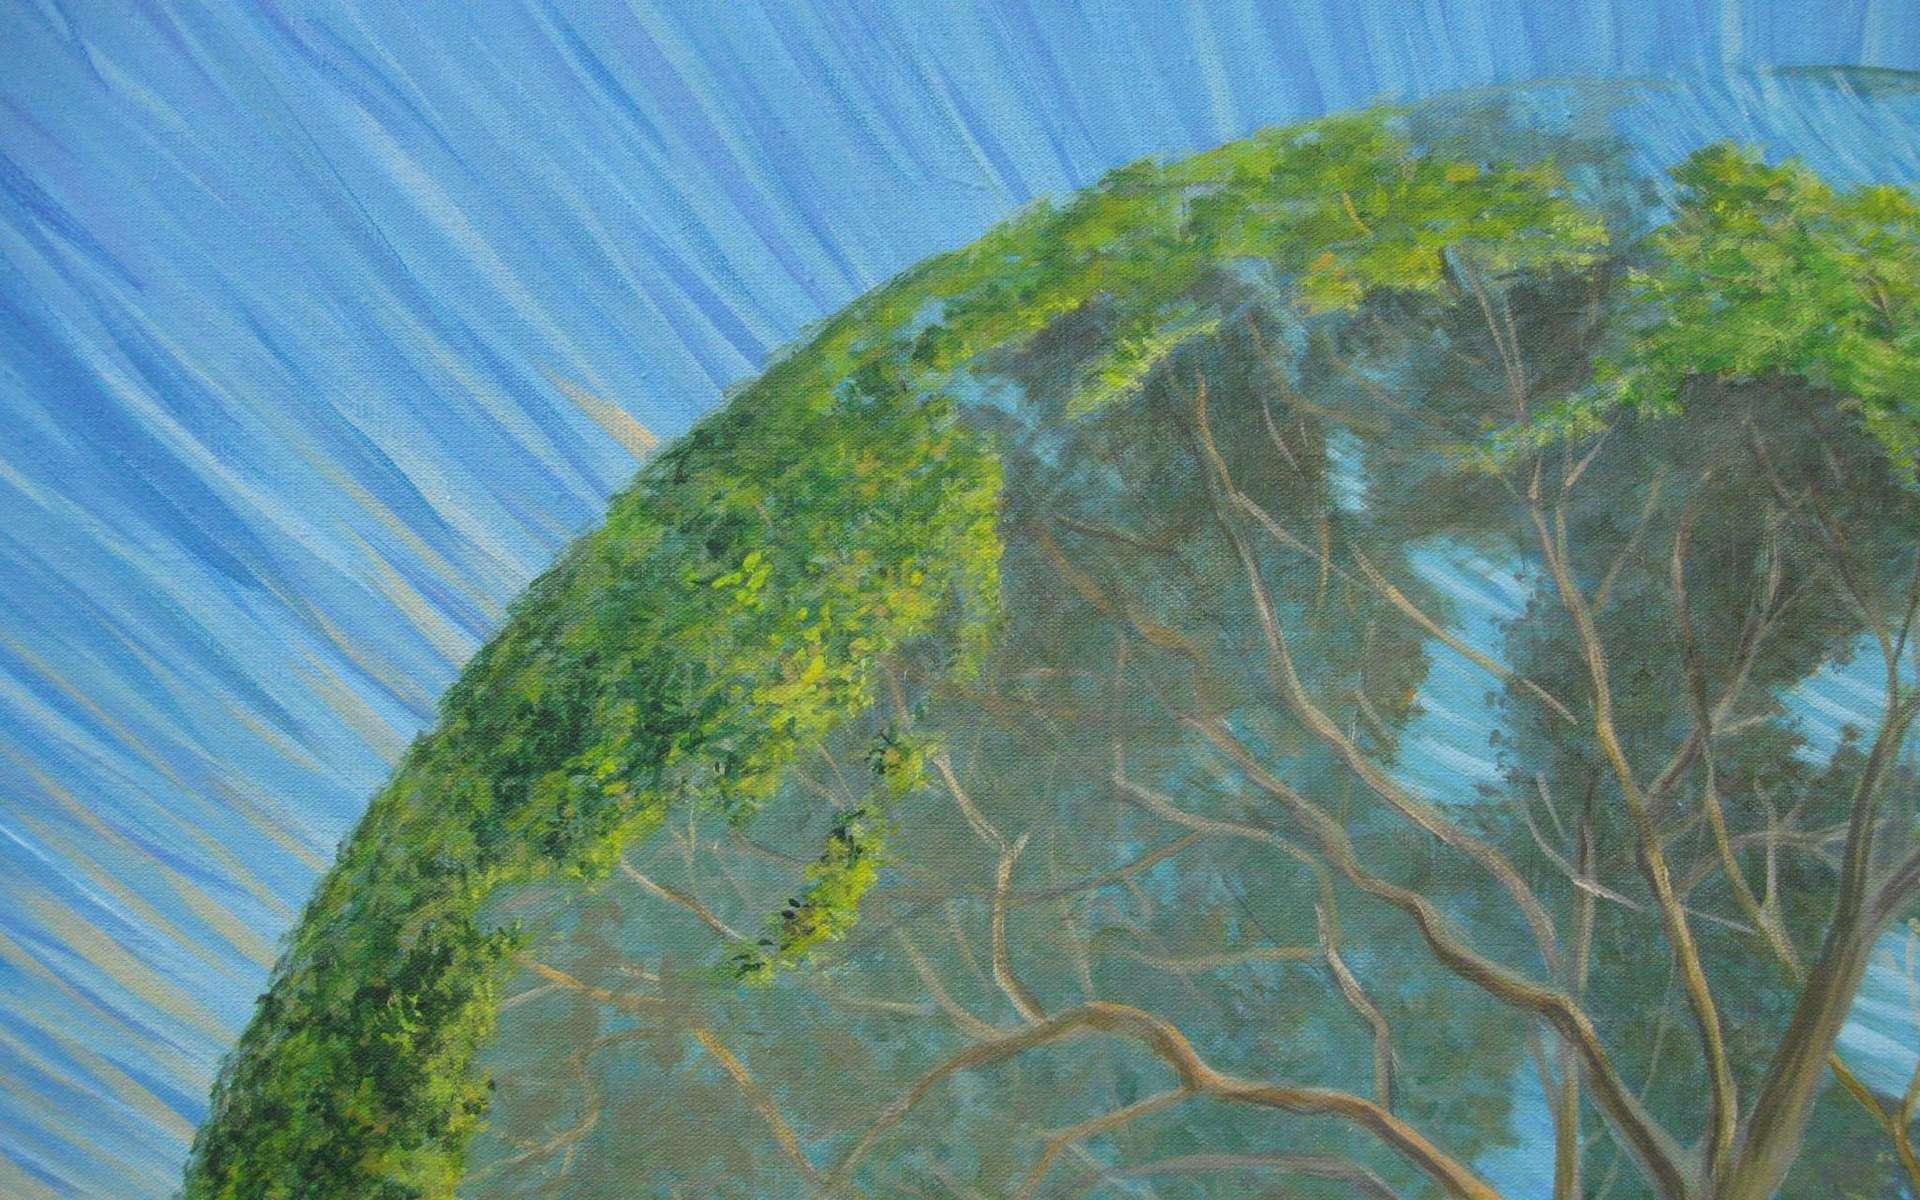 Une fuite de CO2 depuis les océans aurait favorisé le développement de la civilisation humaine il y a 11.000 ans. © Pierre Marcel, Flickr, CC BY-NC-ND 2.0